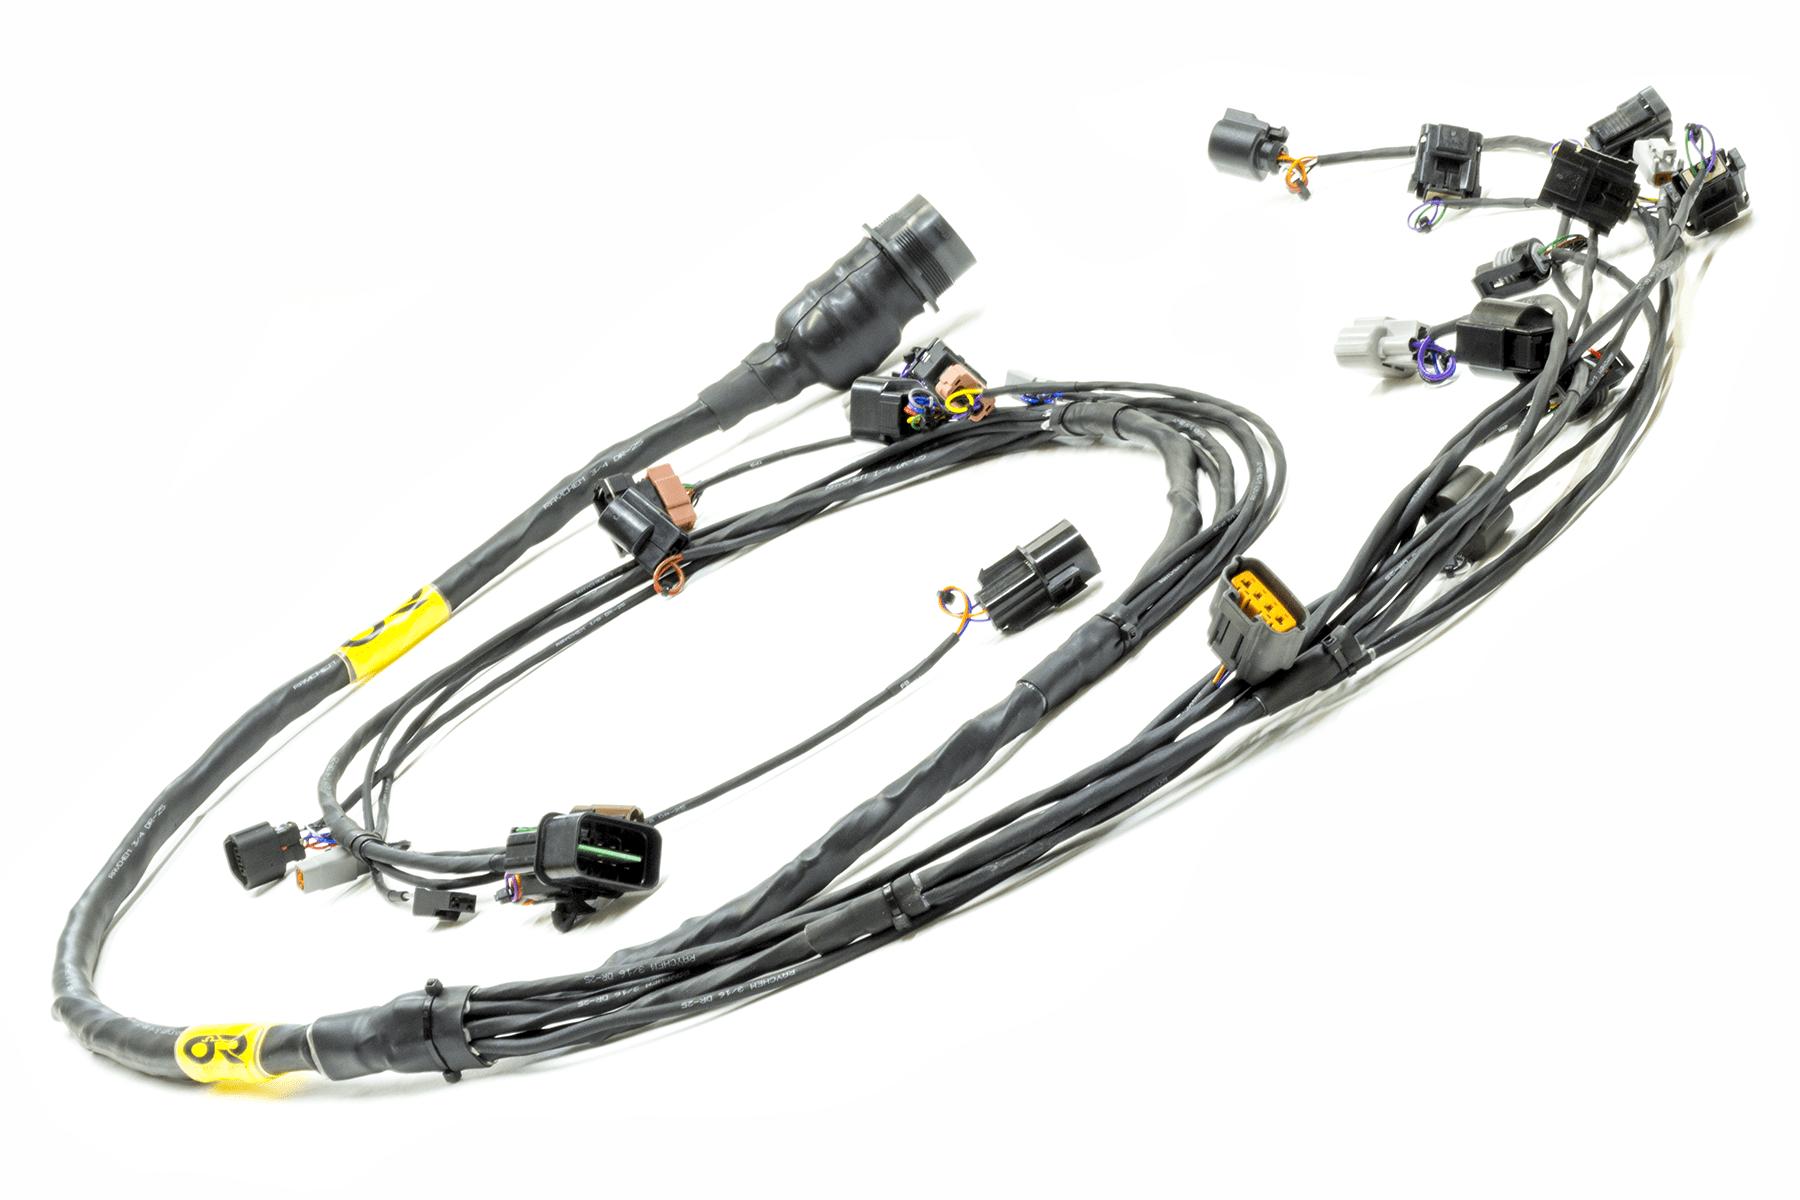 Evo 4 6 Plug Amp Play Tucked Mil Spec Engine Harness